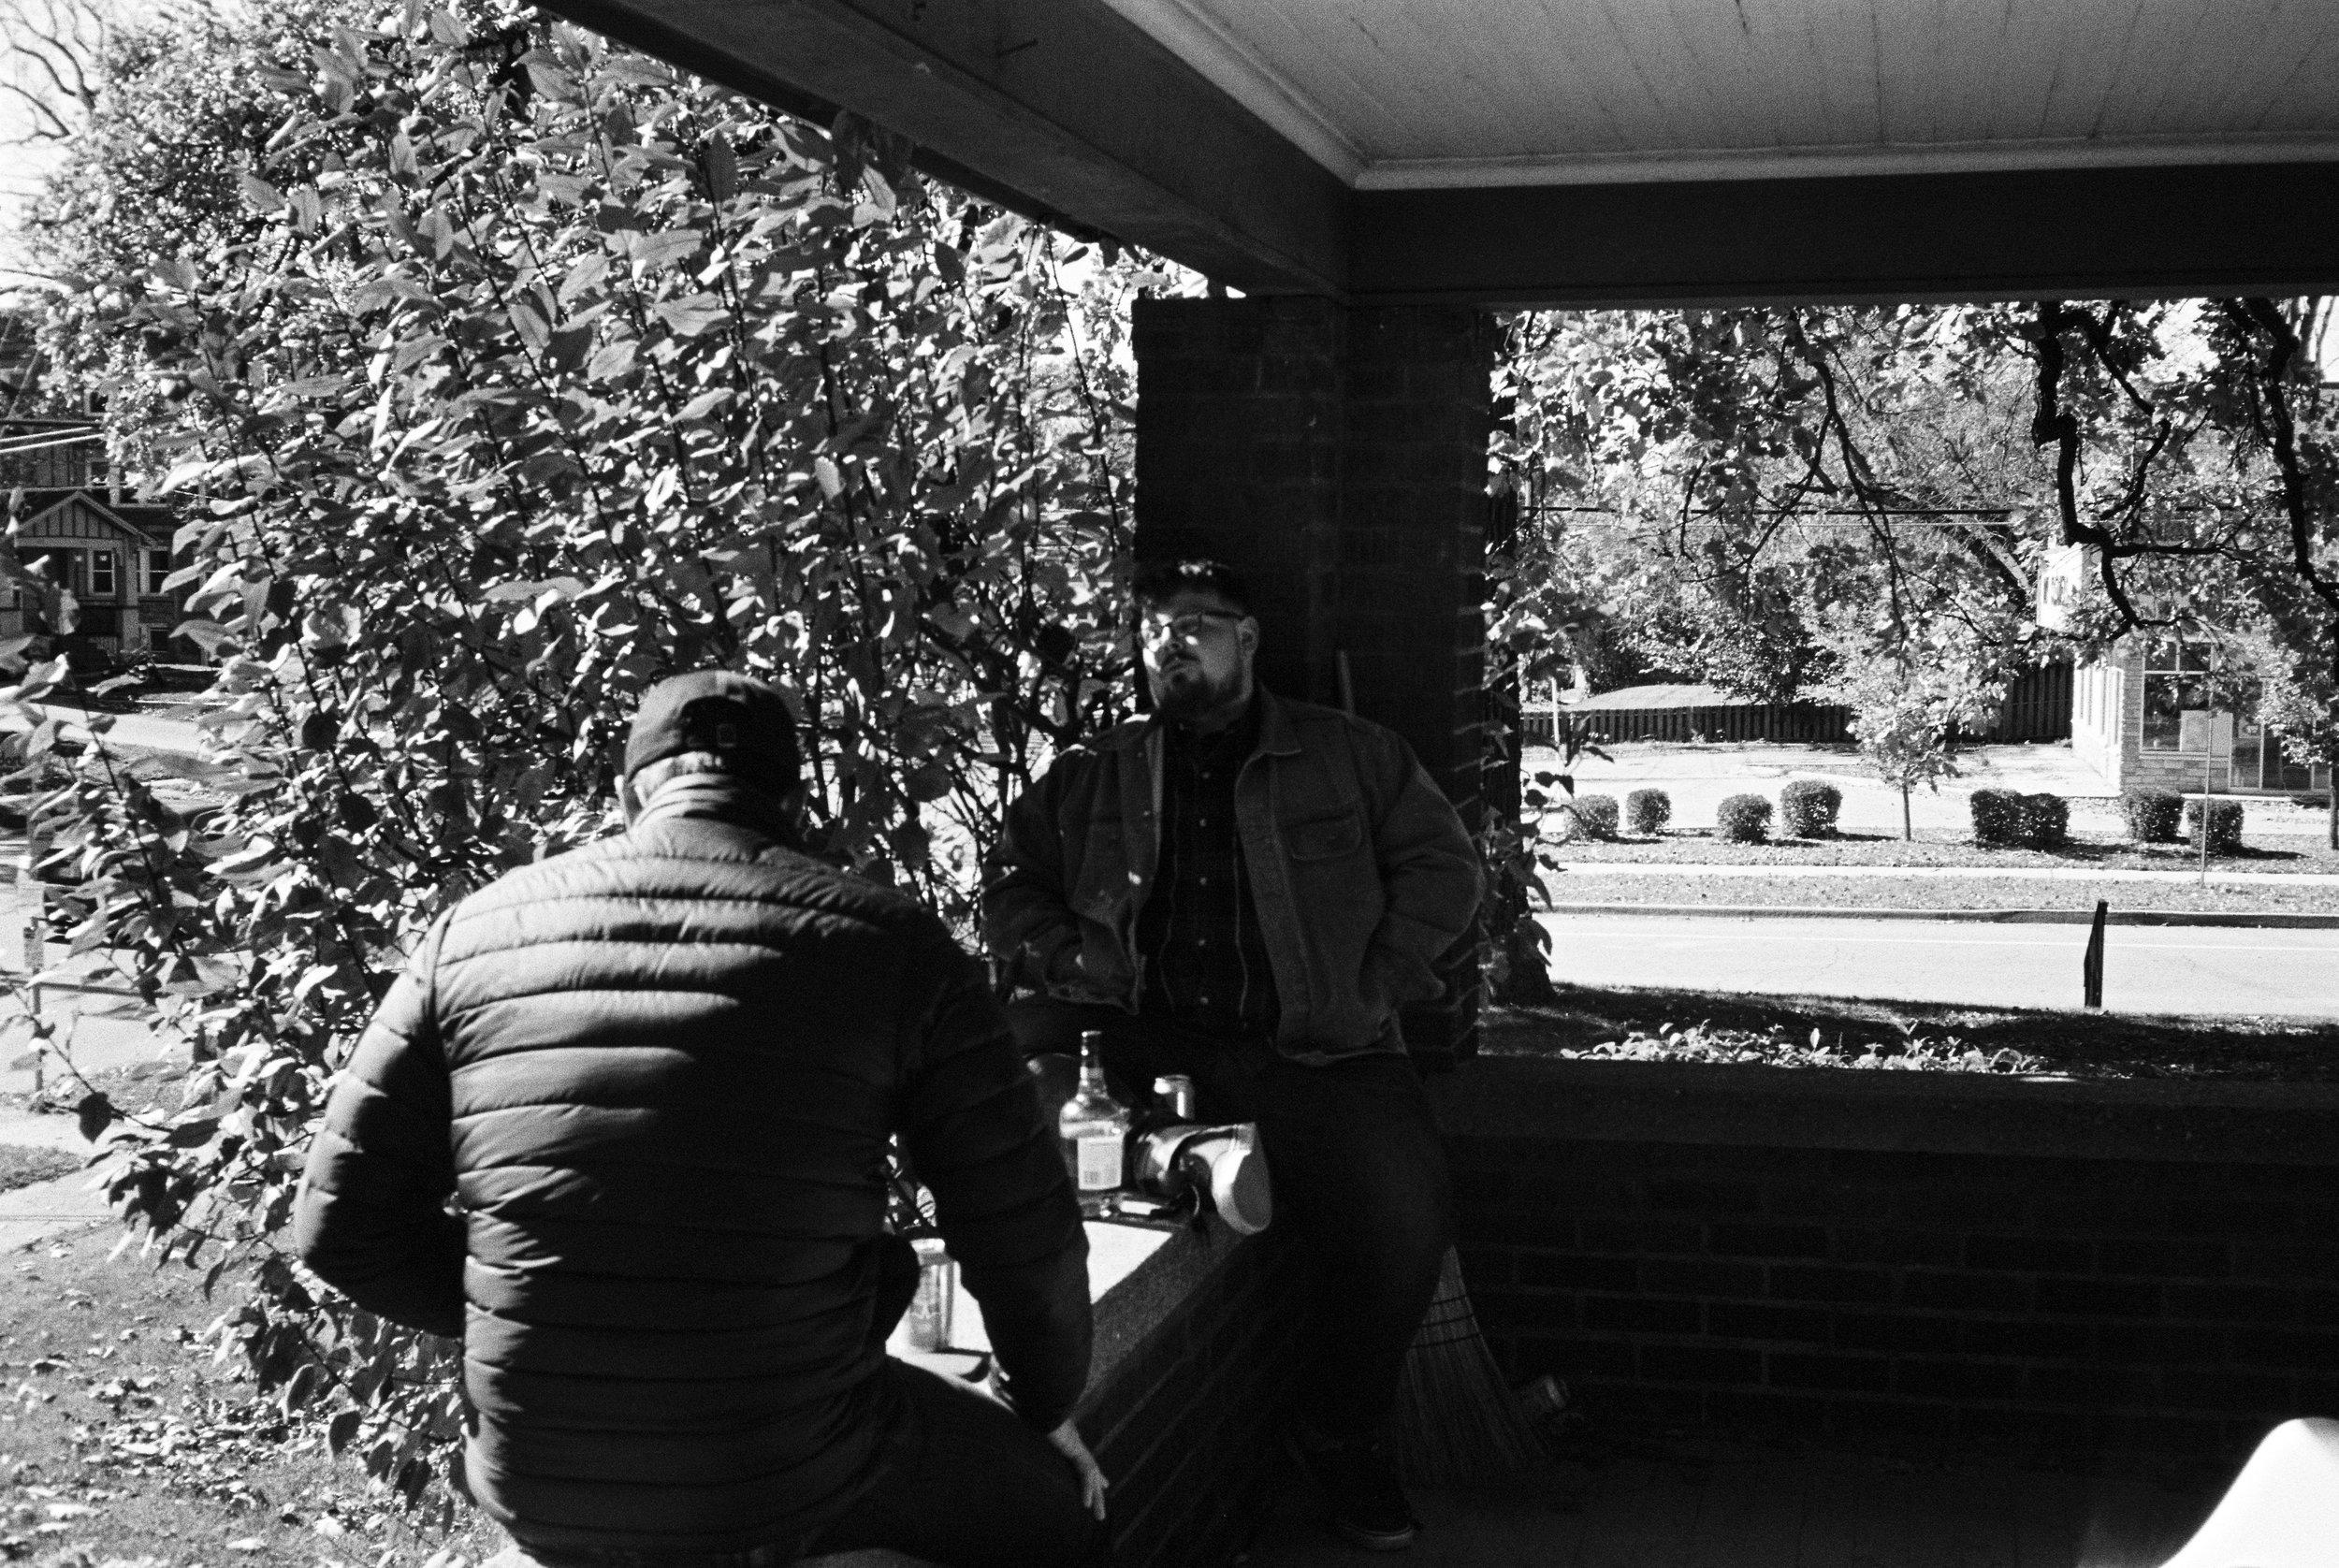 Film: Kodak 35AF